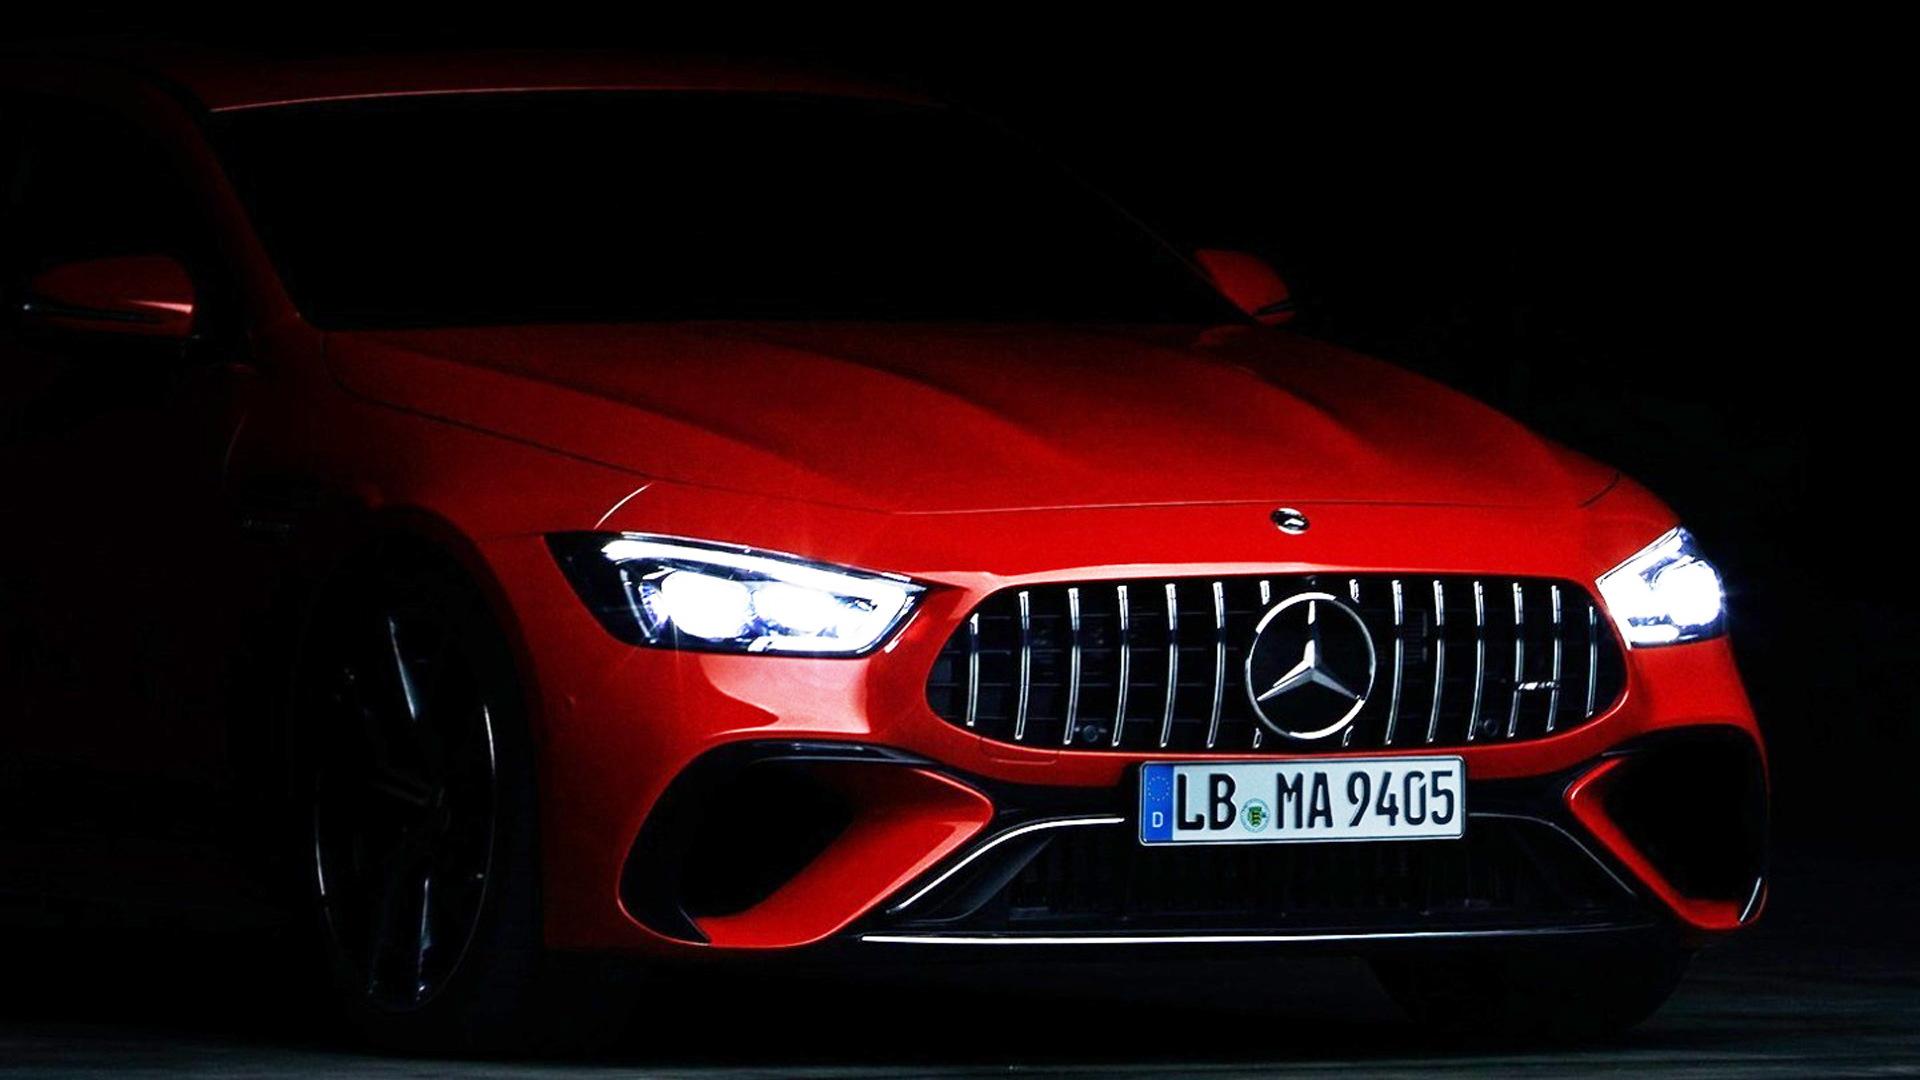 Teaser for Mercedes-Benz AMG GT 4-Door Coupe plug-in hybrid debuting on Sept. 1, 2021